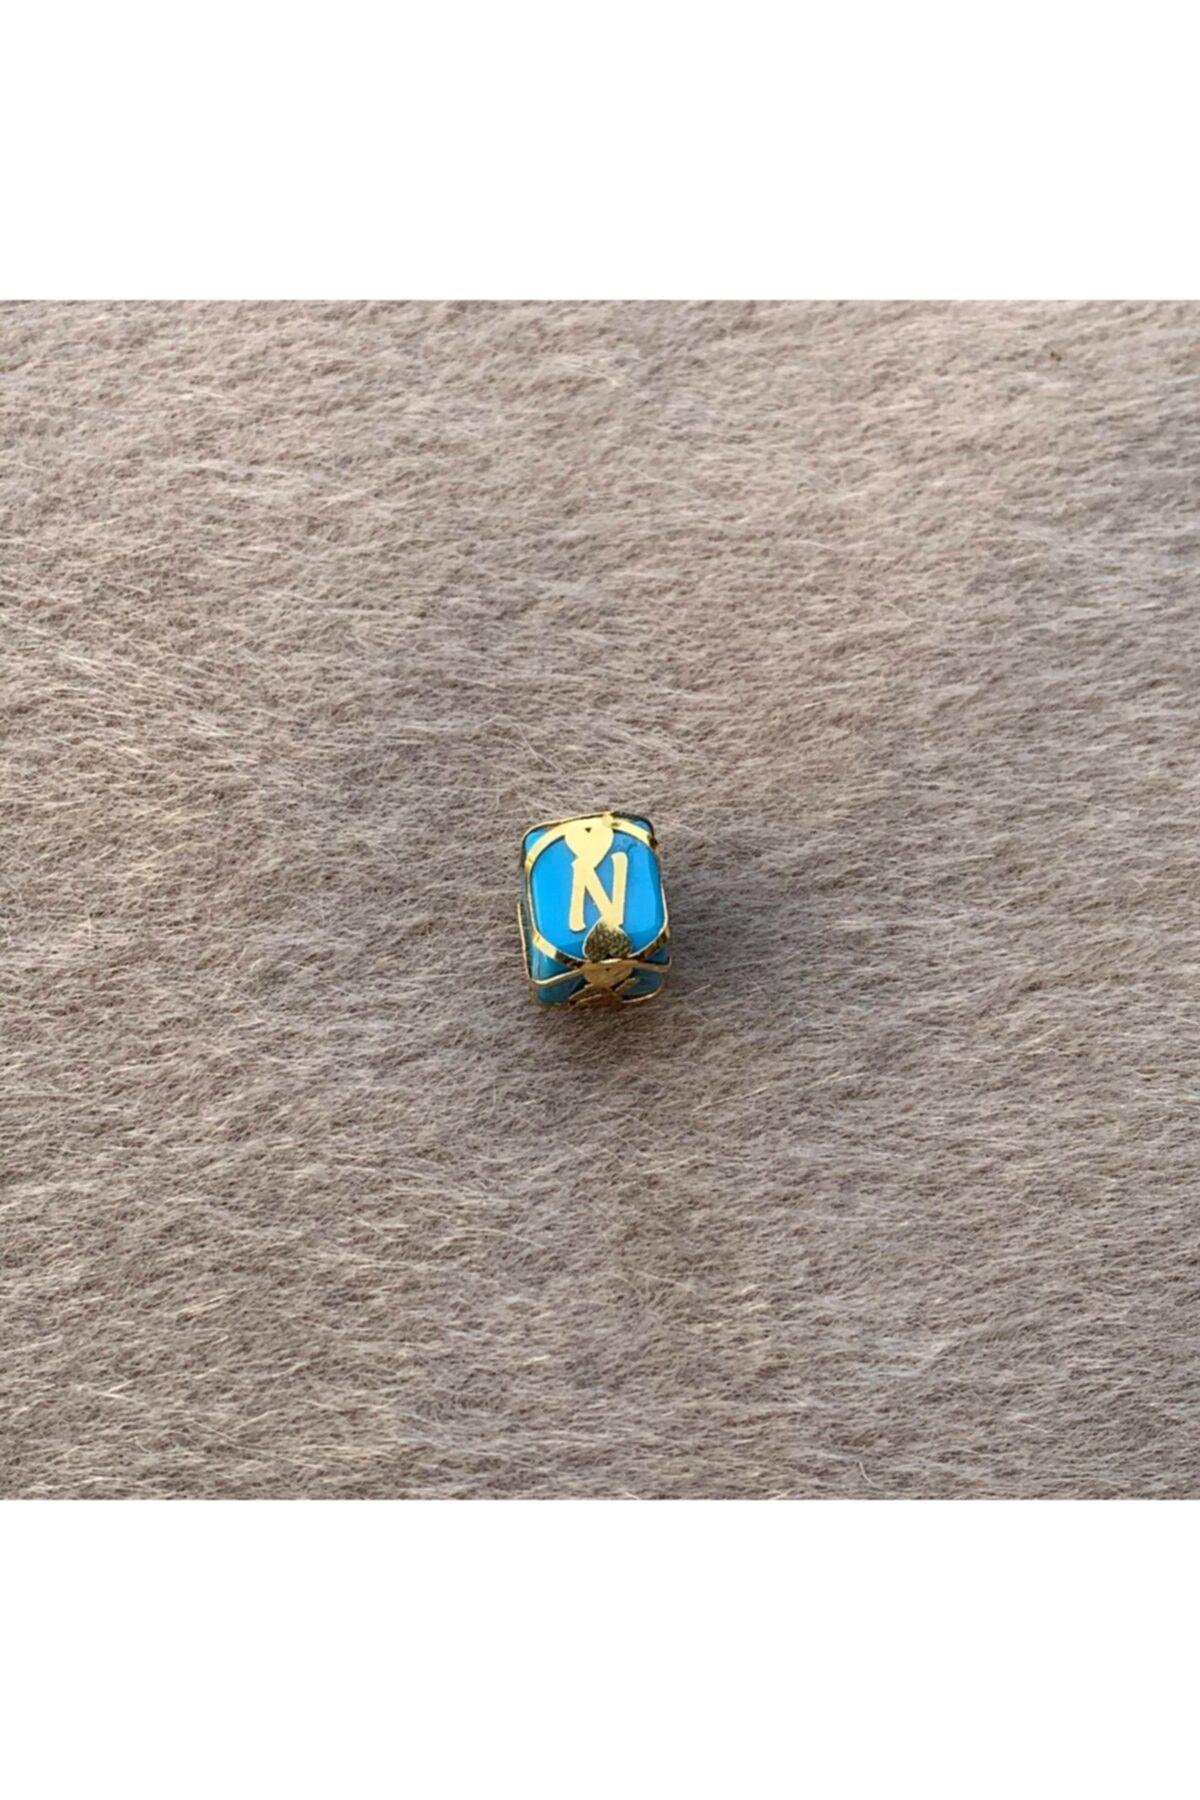 14 Ayar Altın N Harfli Altın Kafesli Mavi Boncuk